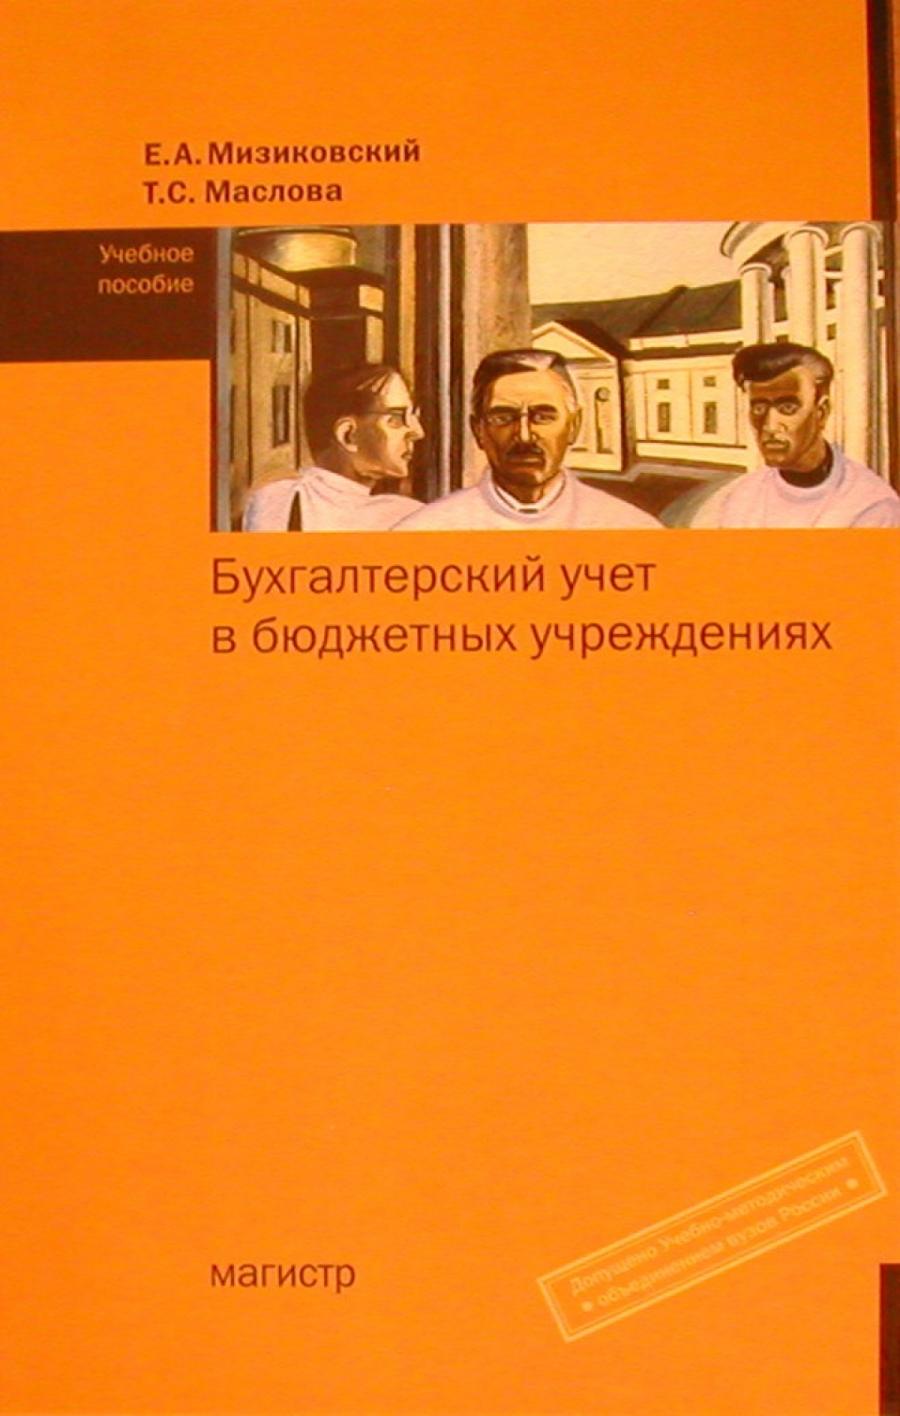 Обложка книги:  е.а. мизиковский, т.с. маслова - бухгалтерский учет в бюджетных учреждениях